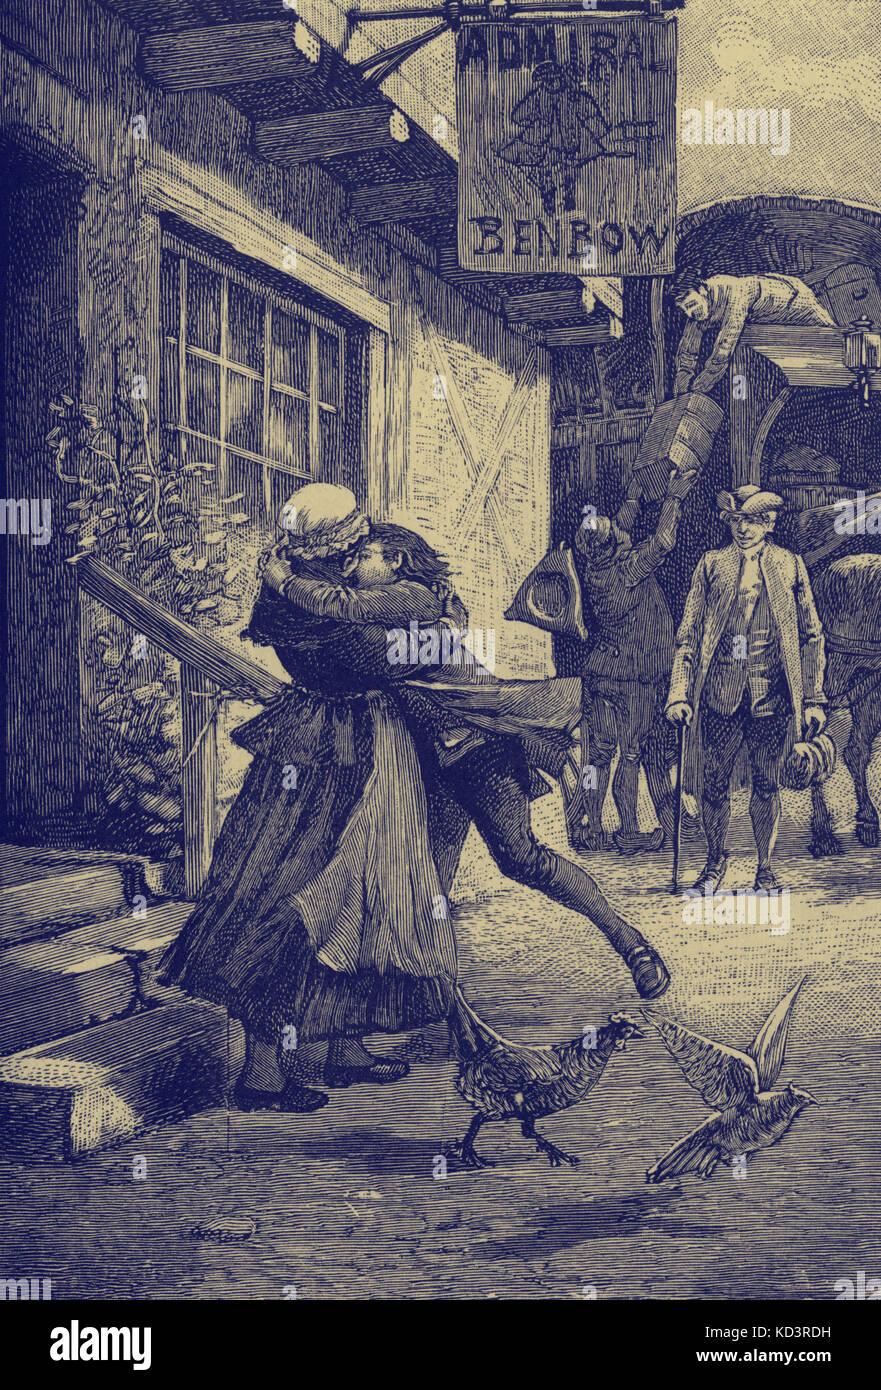 Treasure Island par Robert Louis Stevenson. Légende : « J'ai dit au revoir à la mère et à la crique où j'avais vécu depuis ma naissance » ( Jim Hawkins dit au revoir). Ch VII Je vais à Bristol. Première publication en série 1881-82. RLS : romancier écossais, poète et écrivain de voyage, 13 novembre 1850 – 3 décembre 1894. Banque D'Images